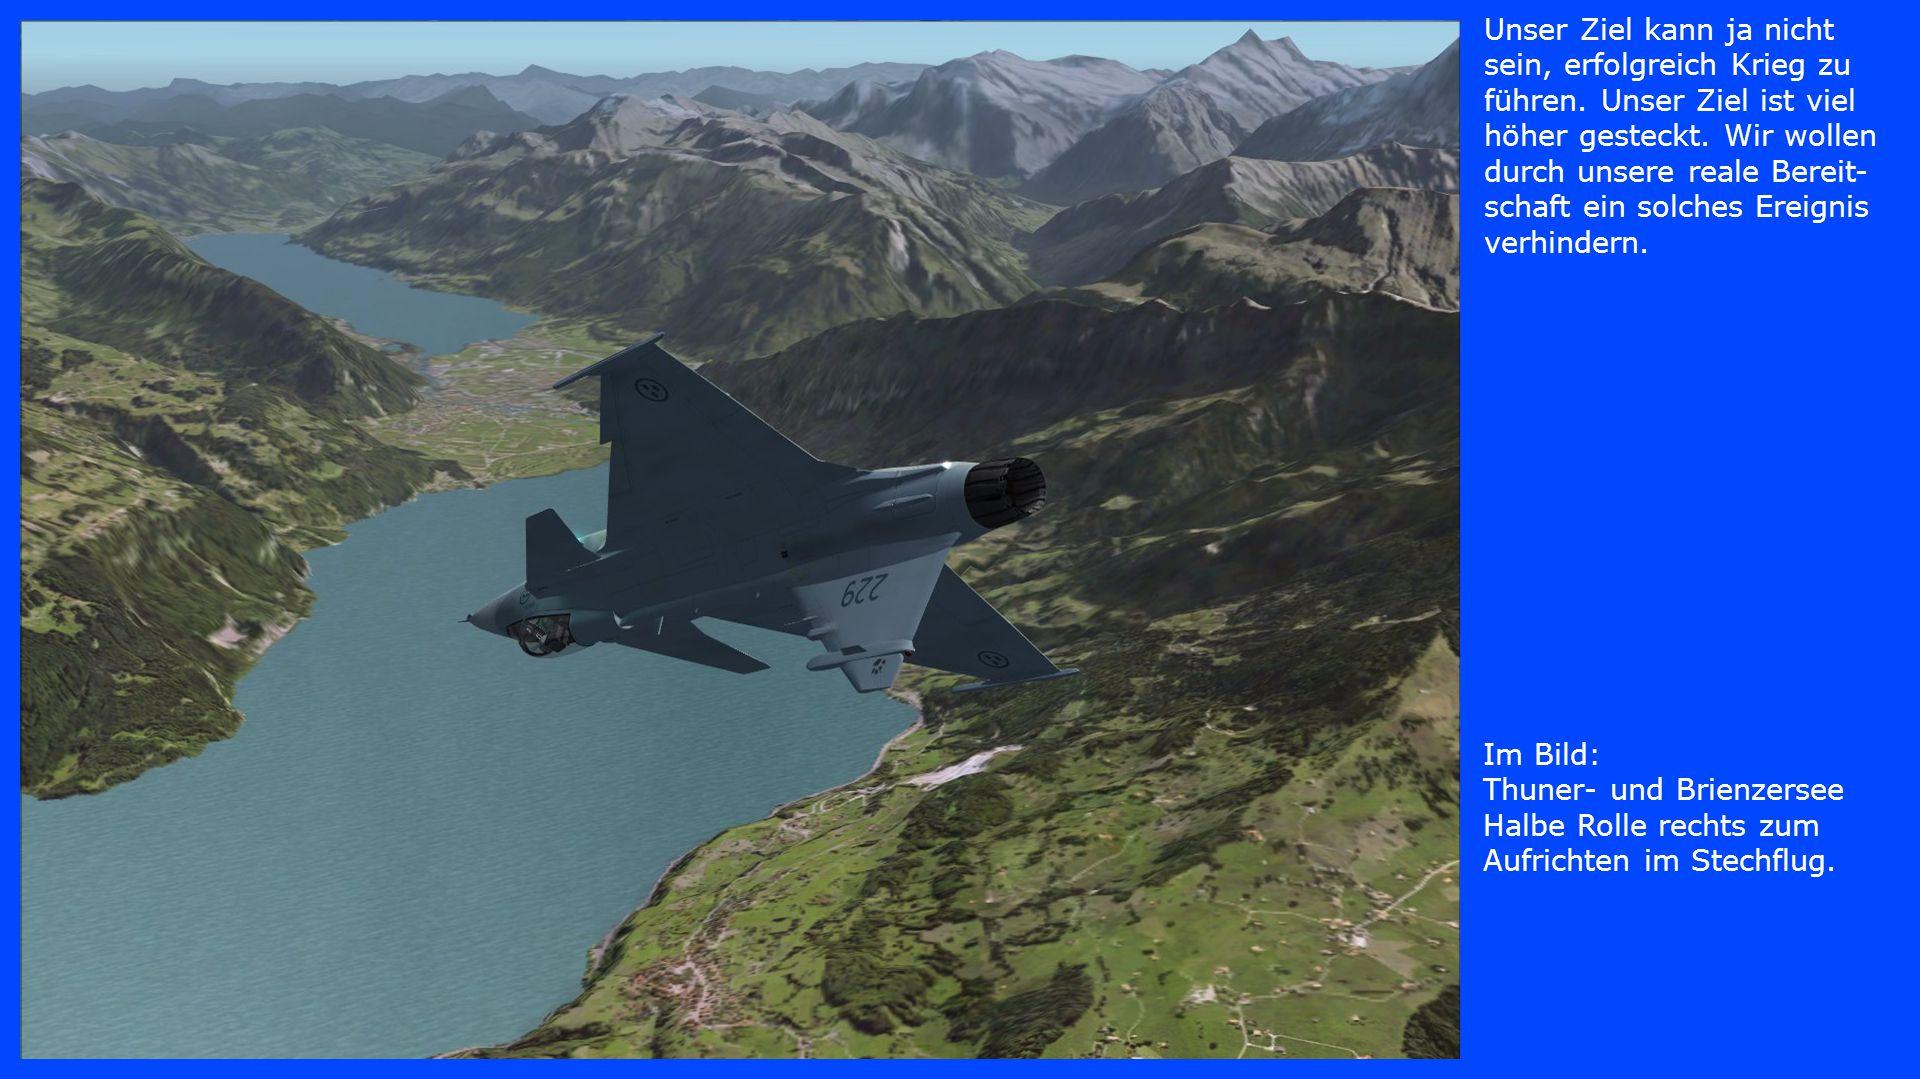 Im Bild: Thun und Spiez Das Flugzeug im Stechflug auf die gegenüberliegende Seeseite.